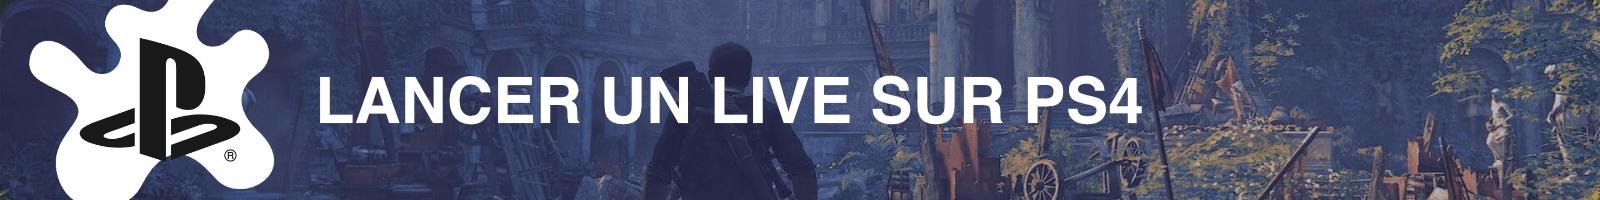 Lancer un live Twitch sur PS4